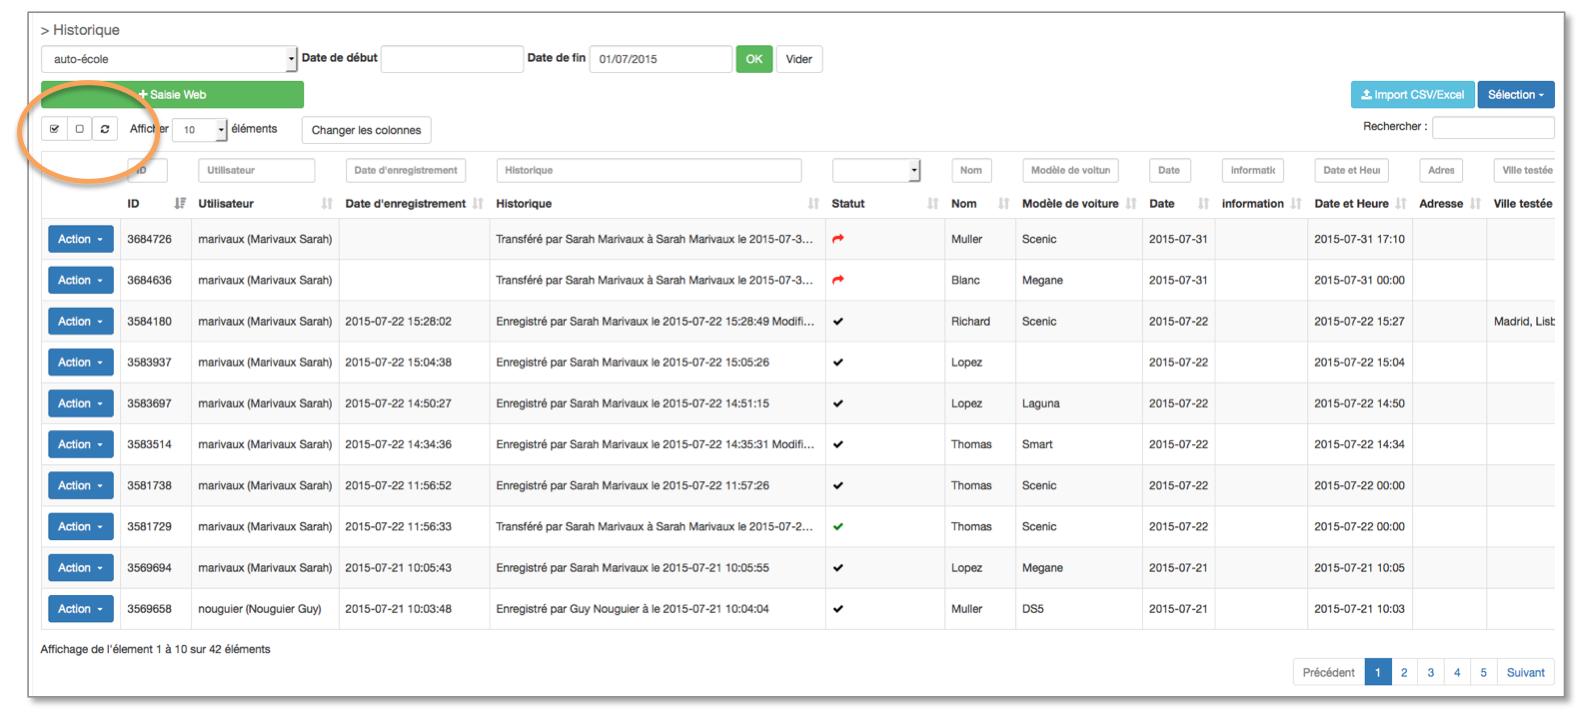 Vous pouvez sélectionner ou désélectionner toutes vos données en même temps.